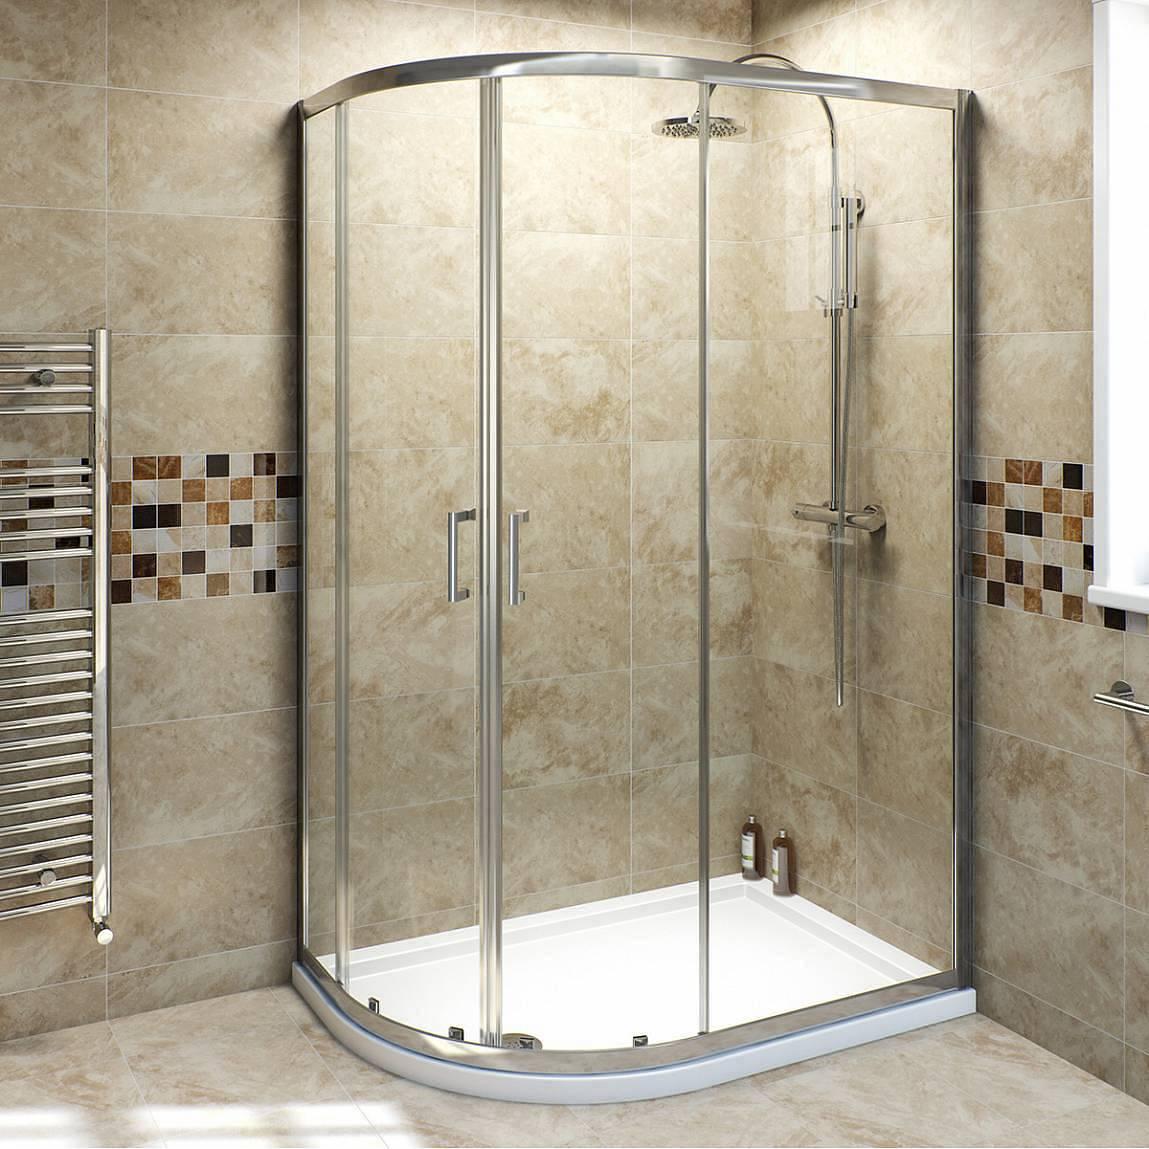 Image of V6 Quadrant Offset Shower Enclosure 1200 x 900